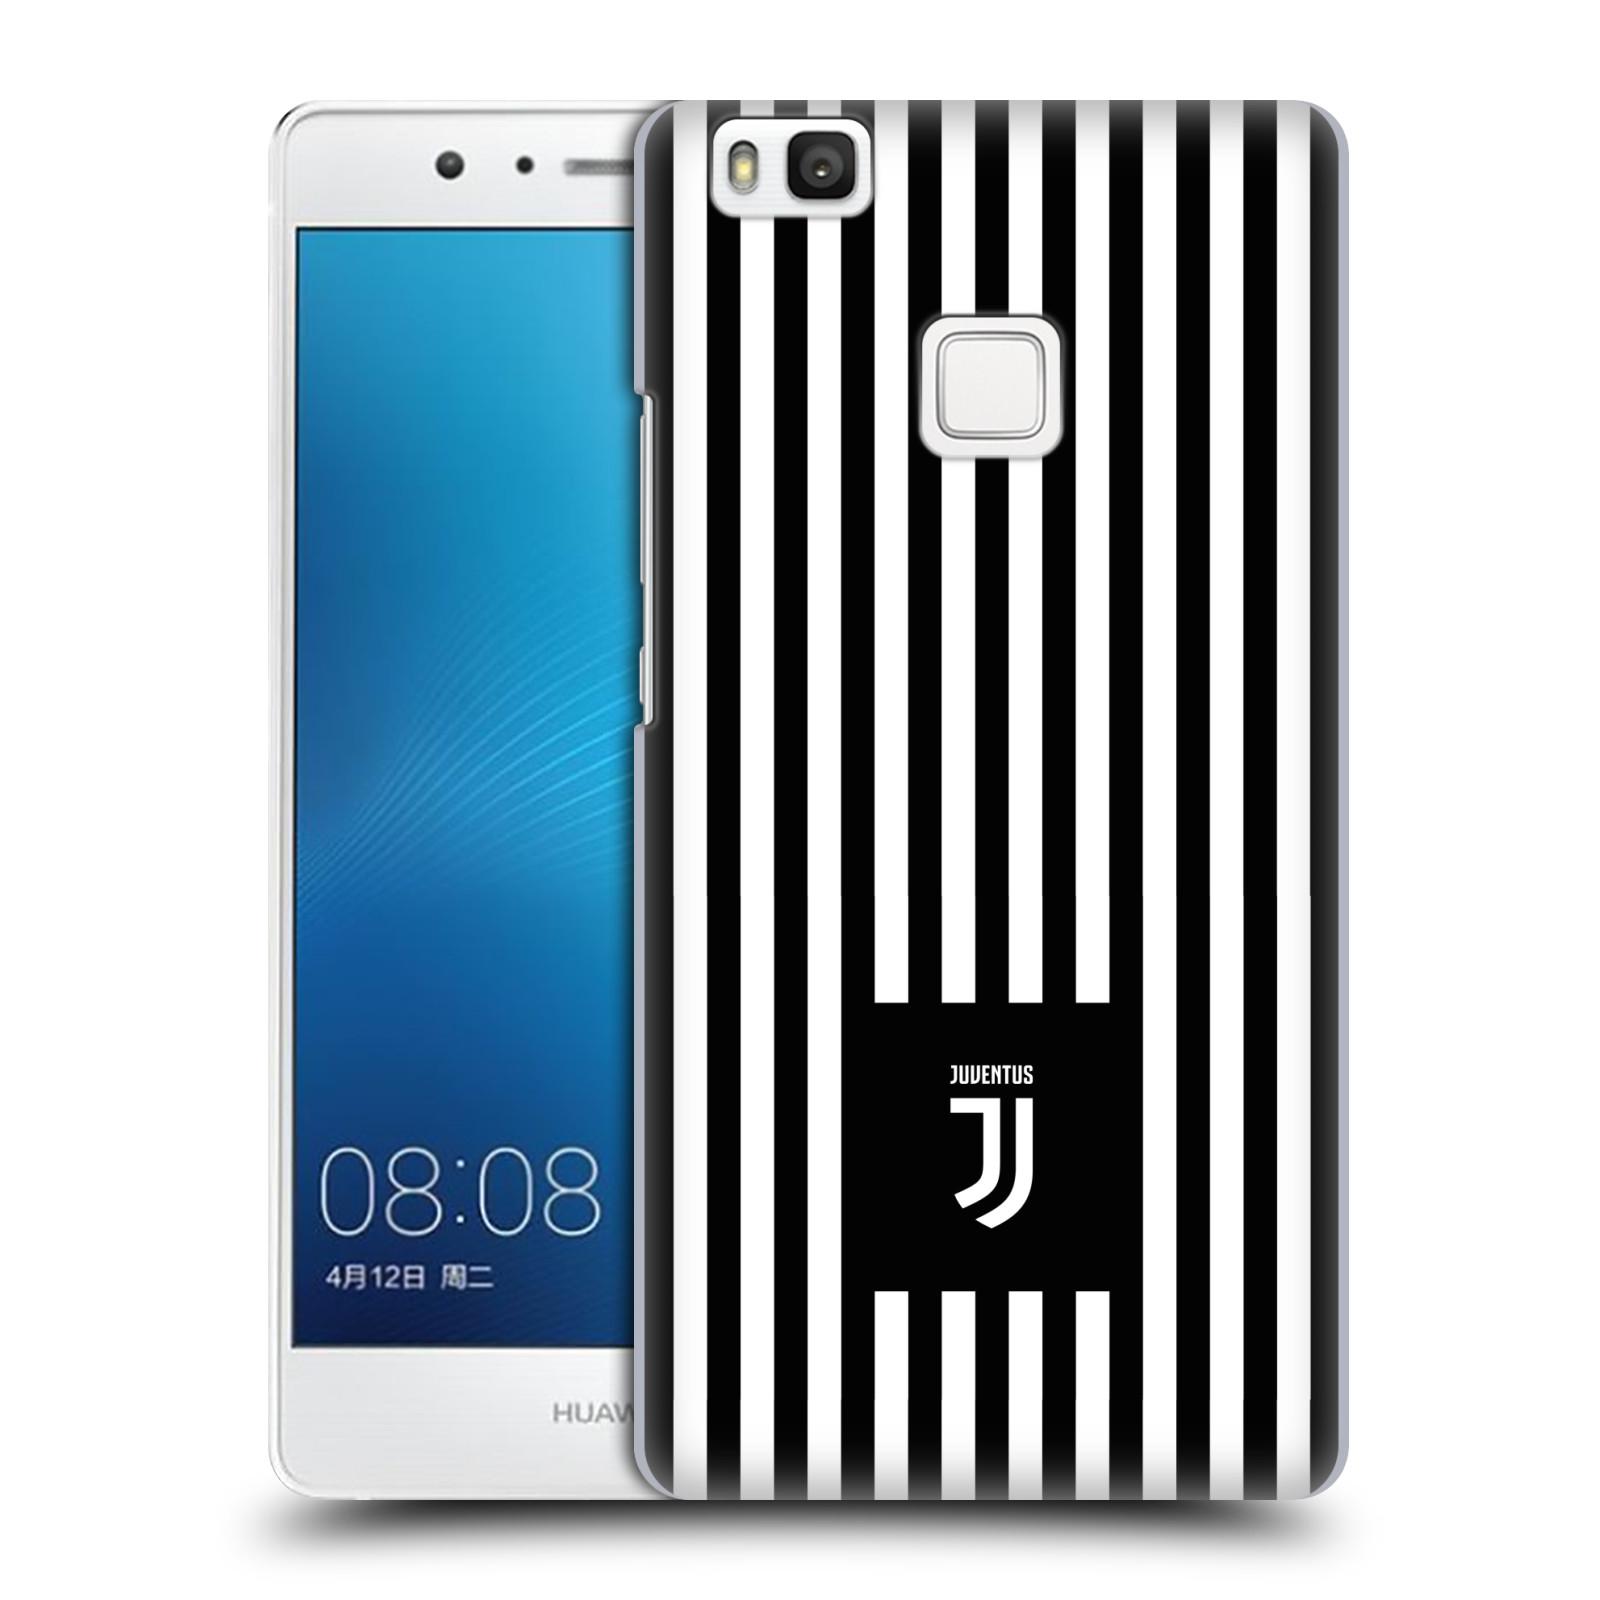 Plastové pouzdro na mobil Huawei P9 Lite - Head Case - Juventus FC - Nové logo - Pruhy